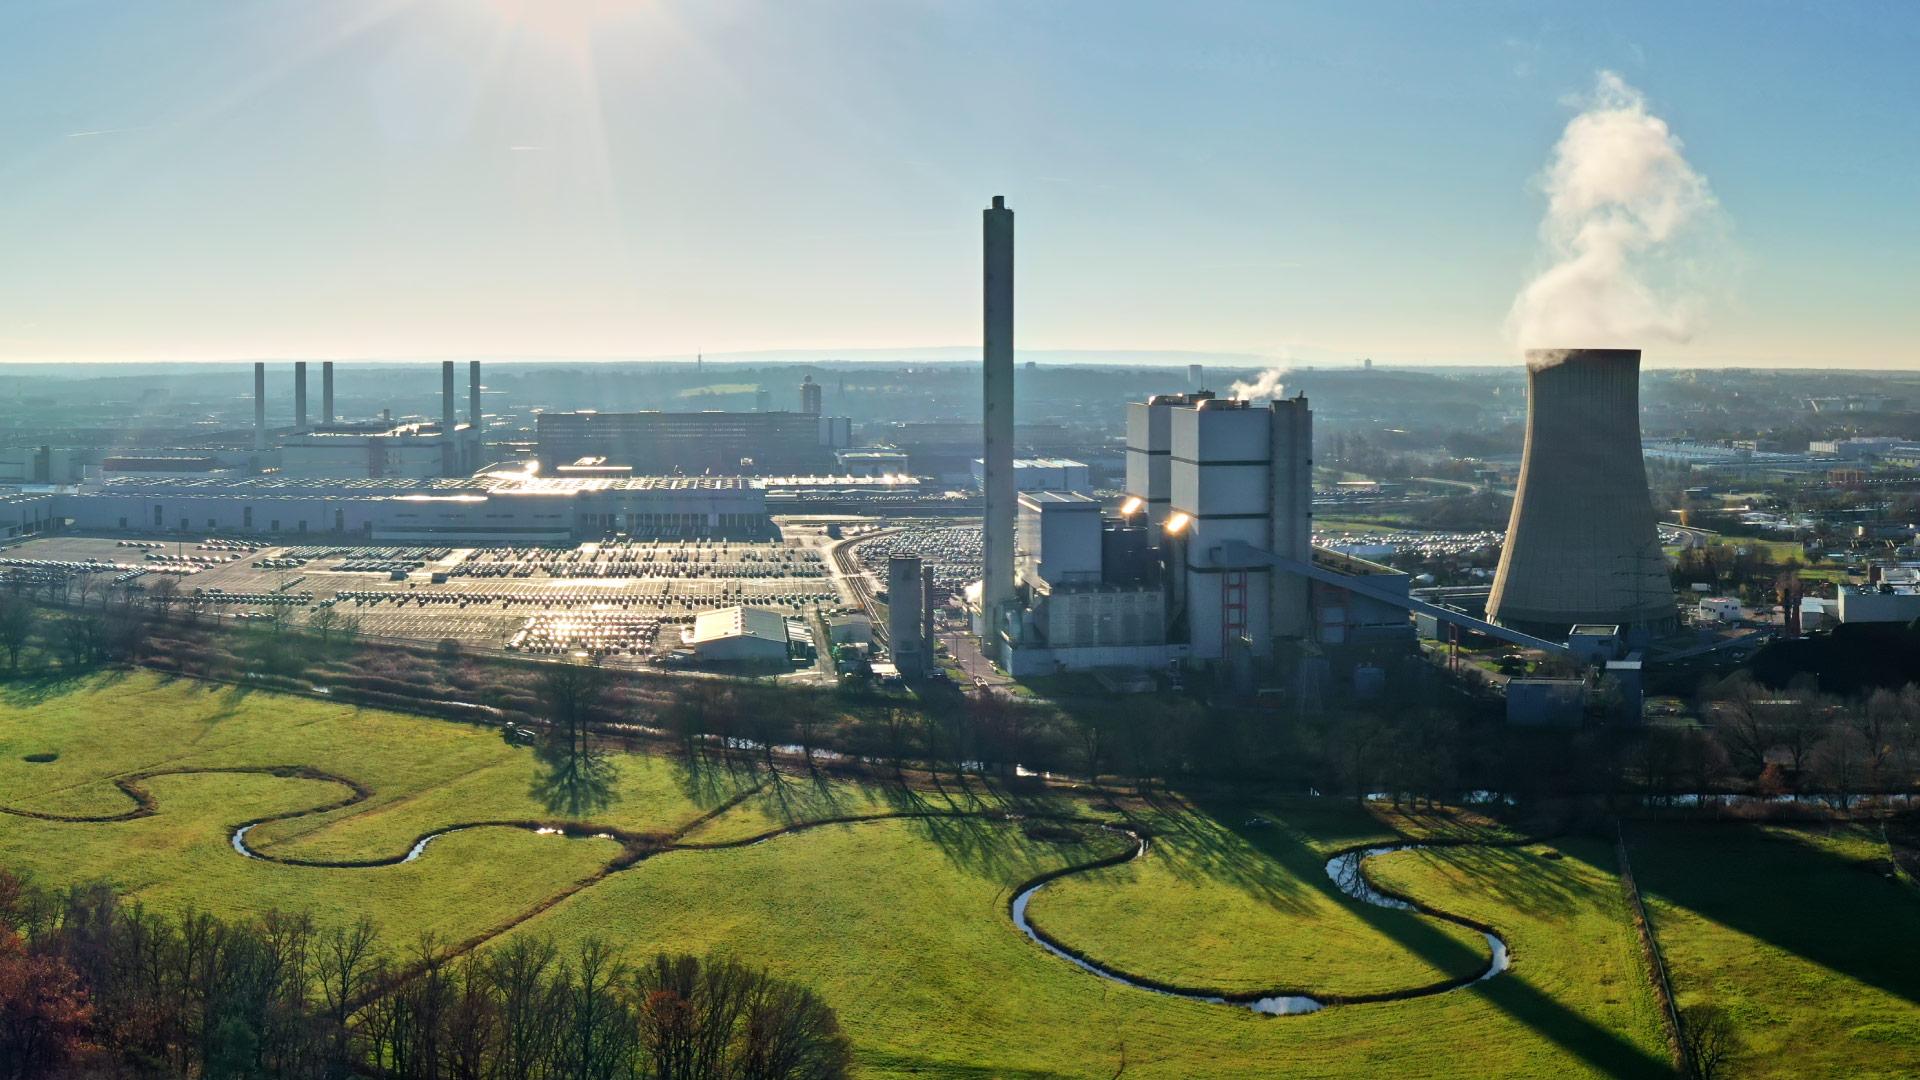 cogeneracion-industria-sostenibilidad-transición-energética